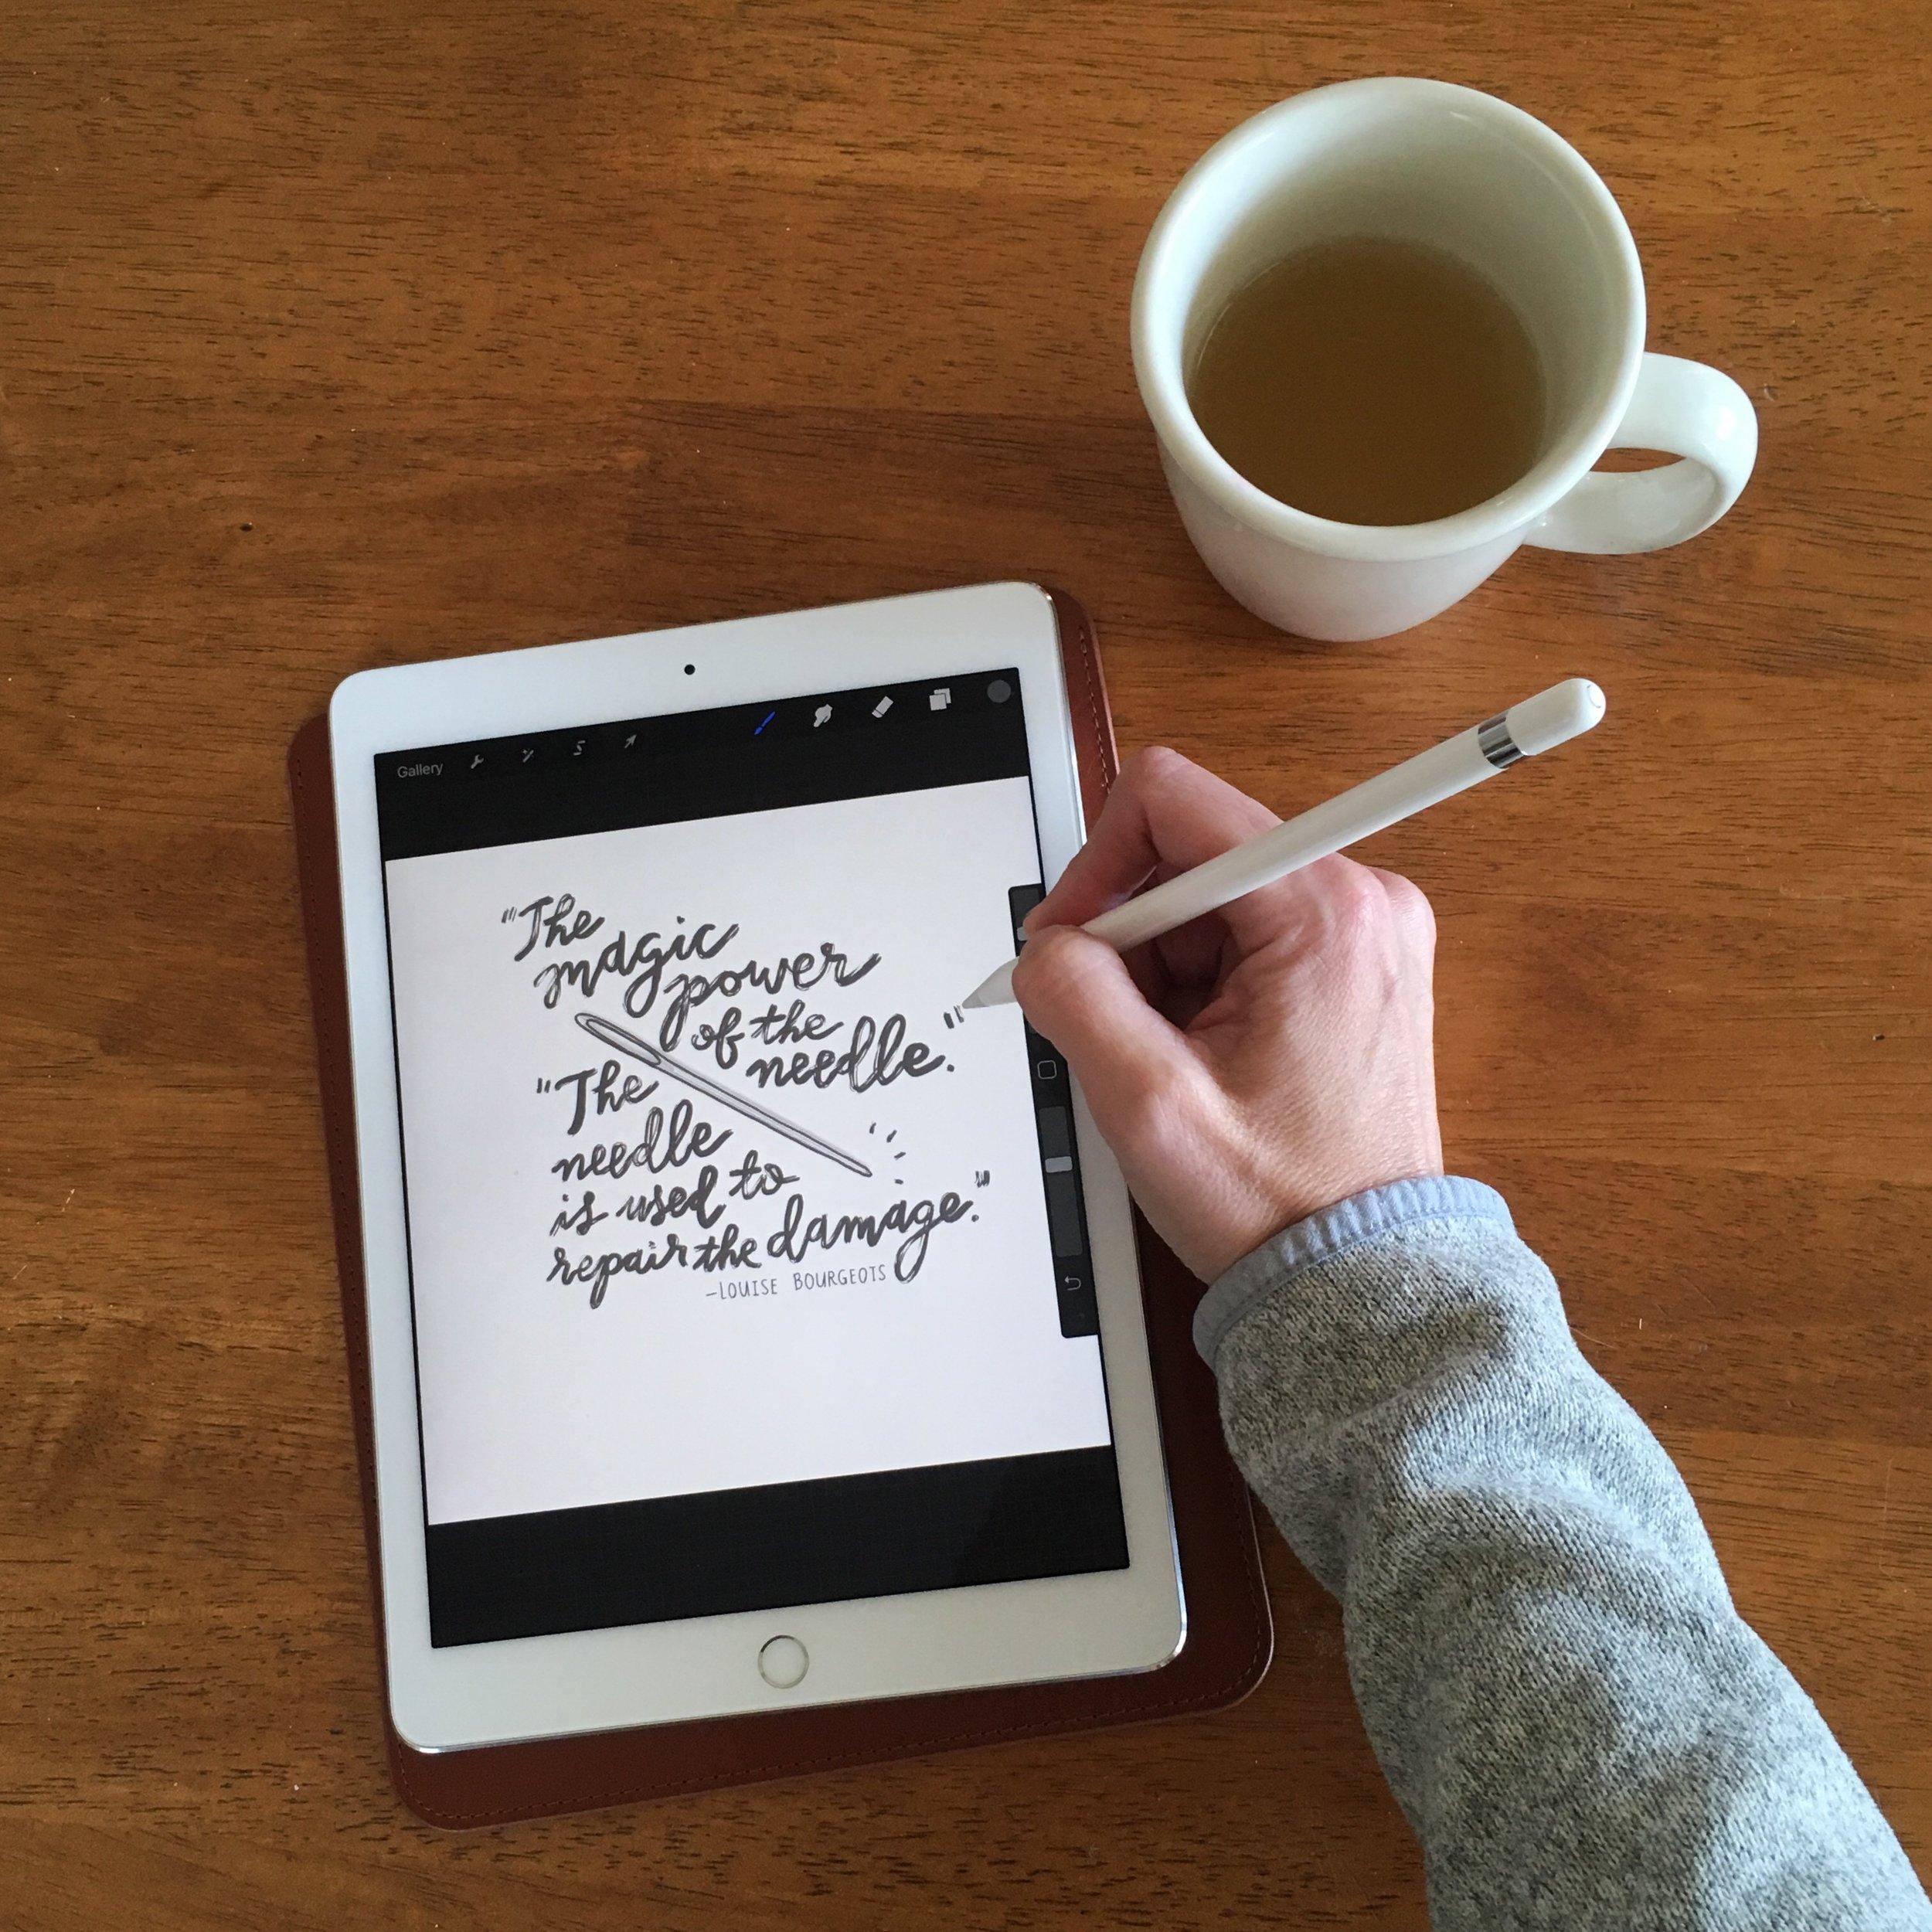 crystal moody | iPad Pro + Apple Pencil